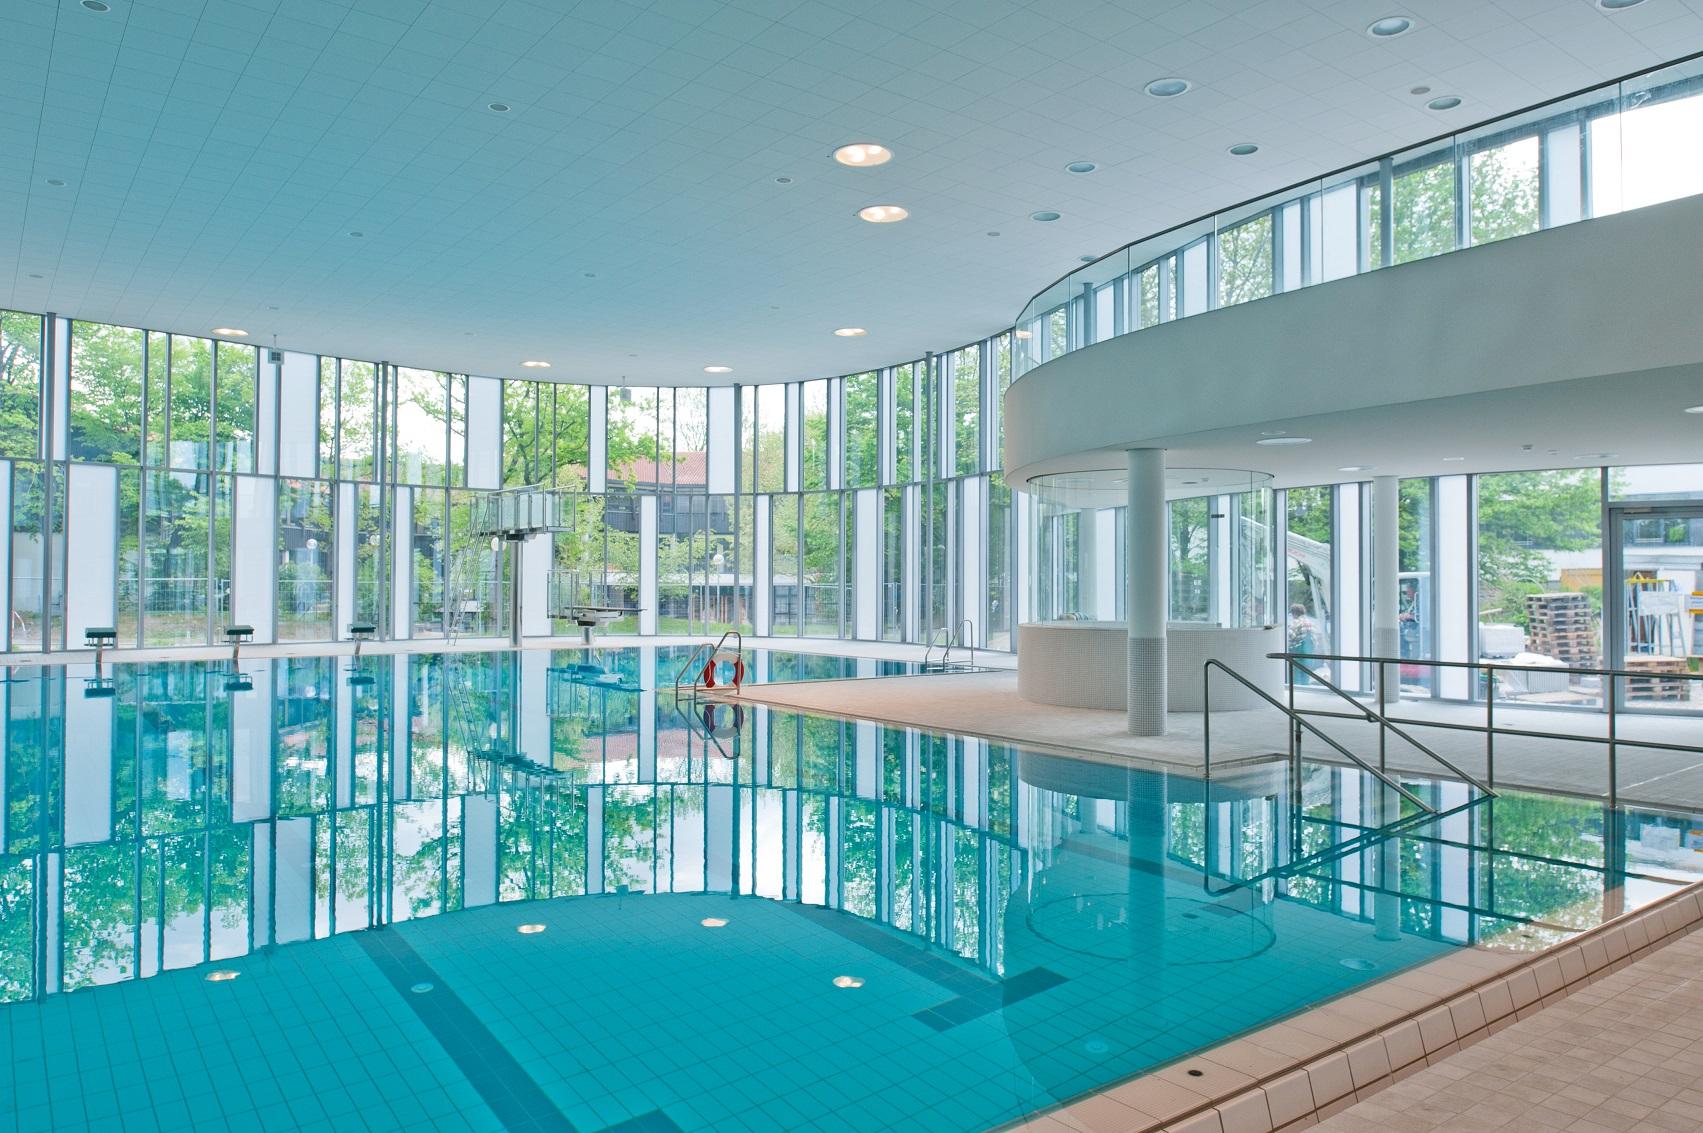 Hallenbad Ismaning - MünchenArchitektur